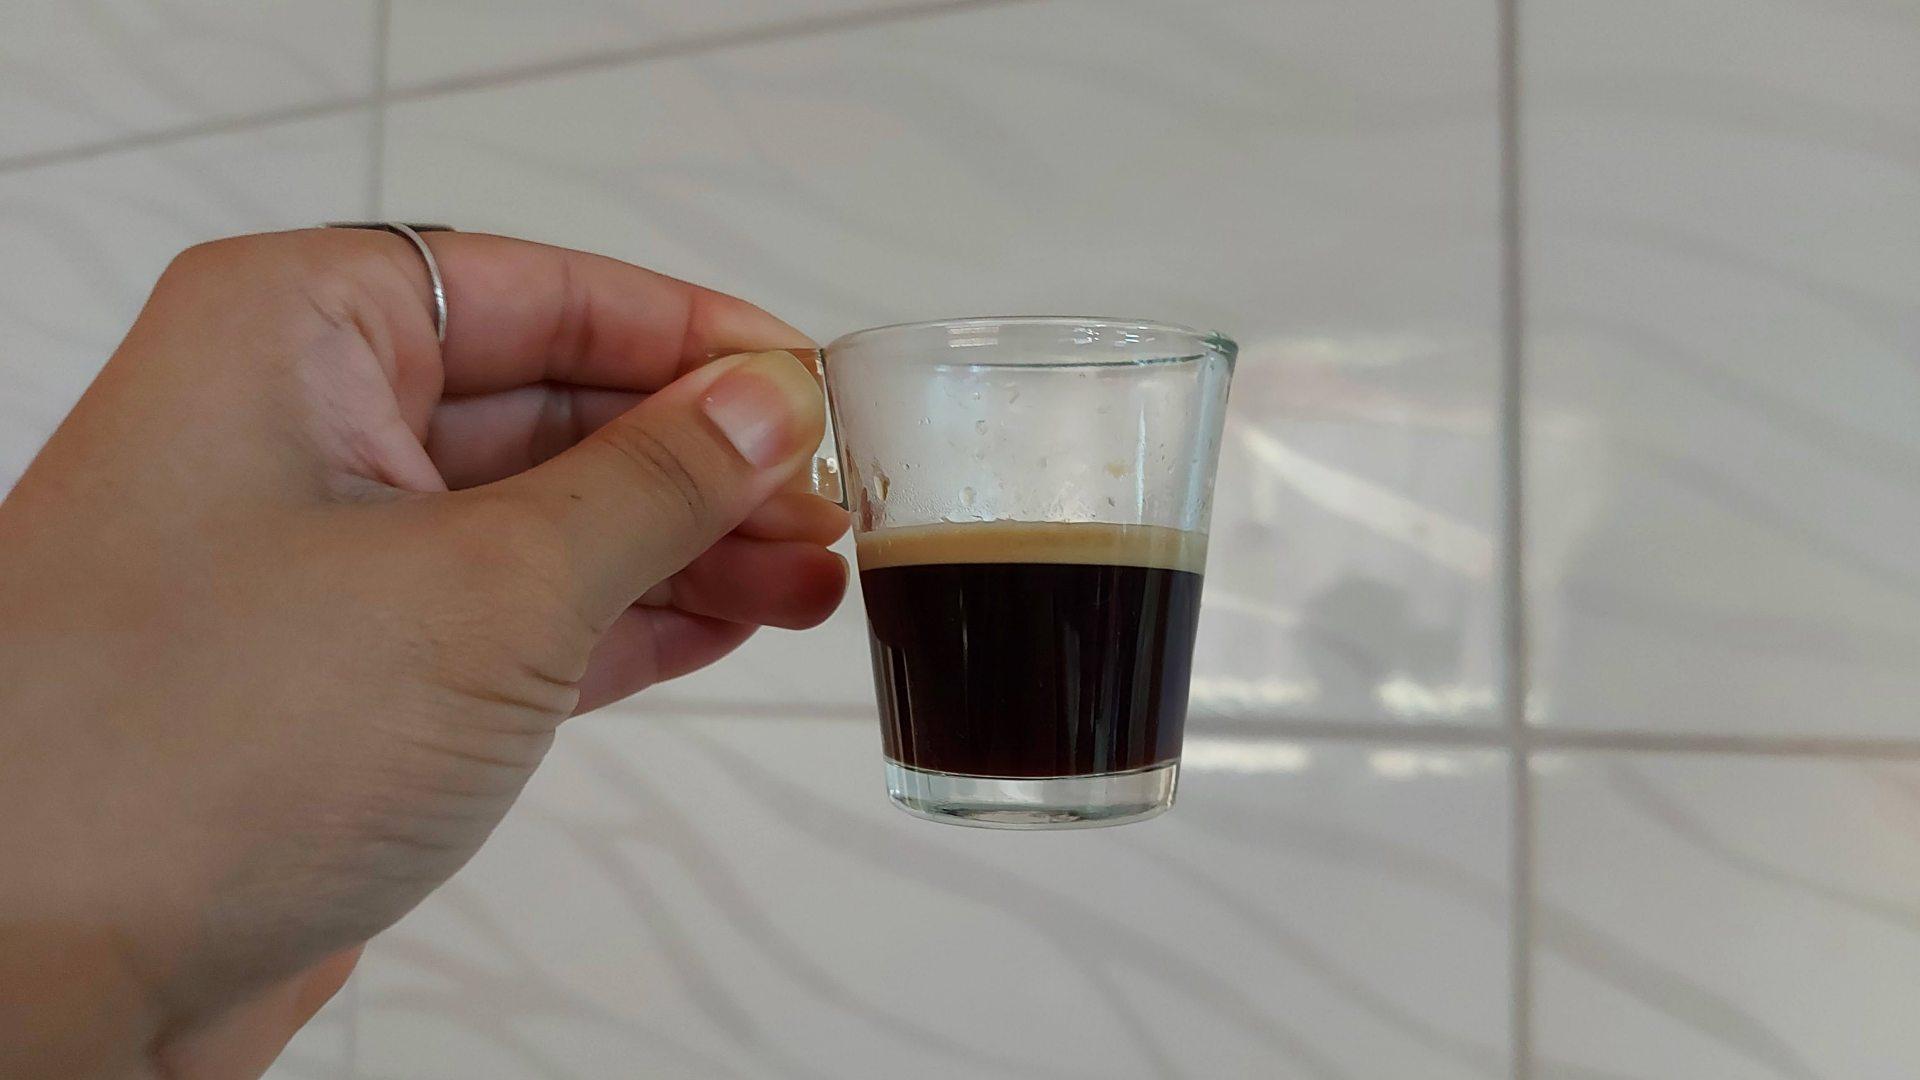 O café expresso curto tem, em média, 40ml (Foto: Acervo Pessoal/Ariel Cristina Borges)